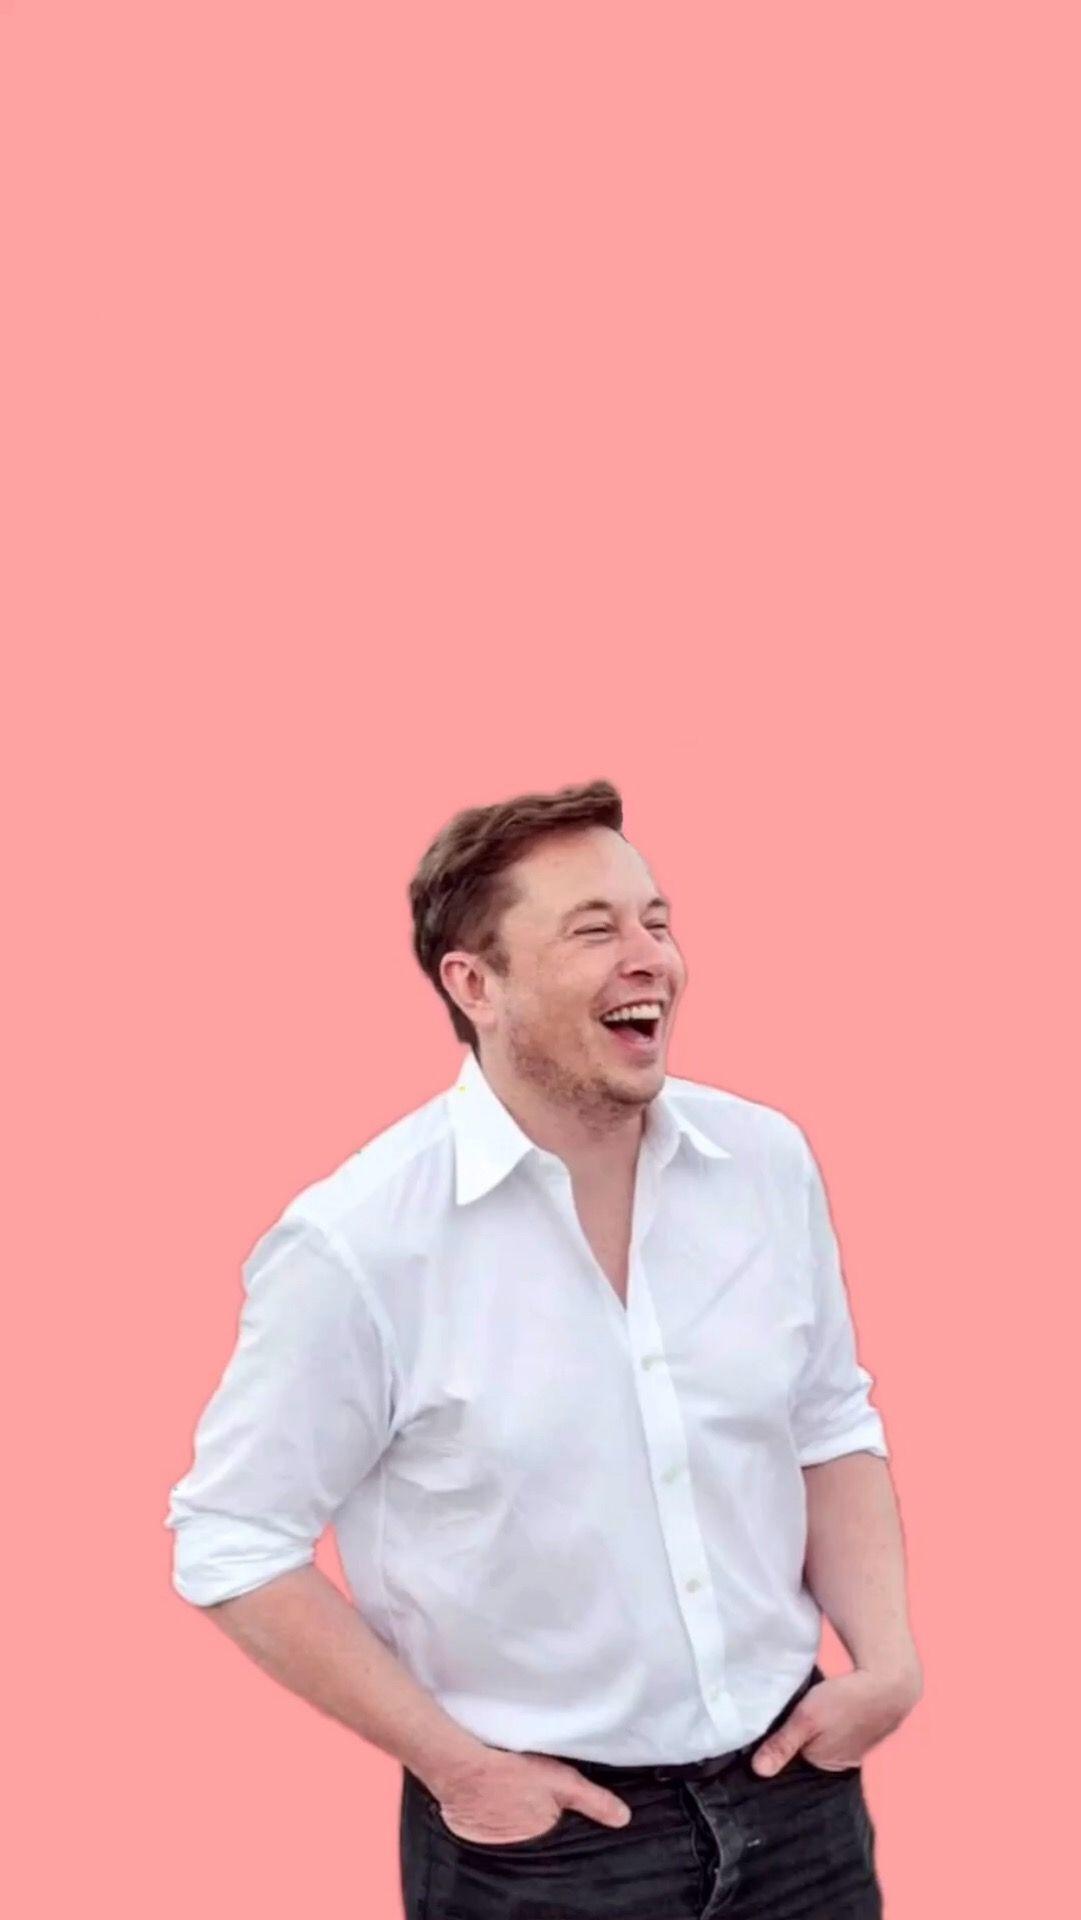 Elon Musk Wallpaper Elon Musk Elon Musk Quotes Elon Musk Tesla Elon musk wallpaper zedge